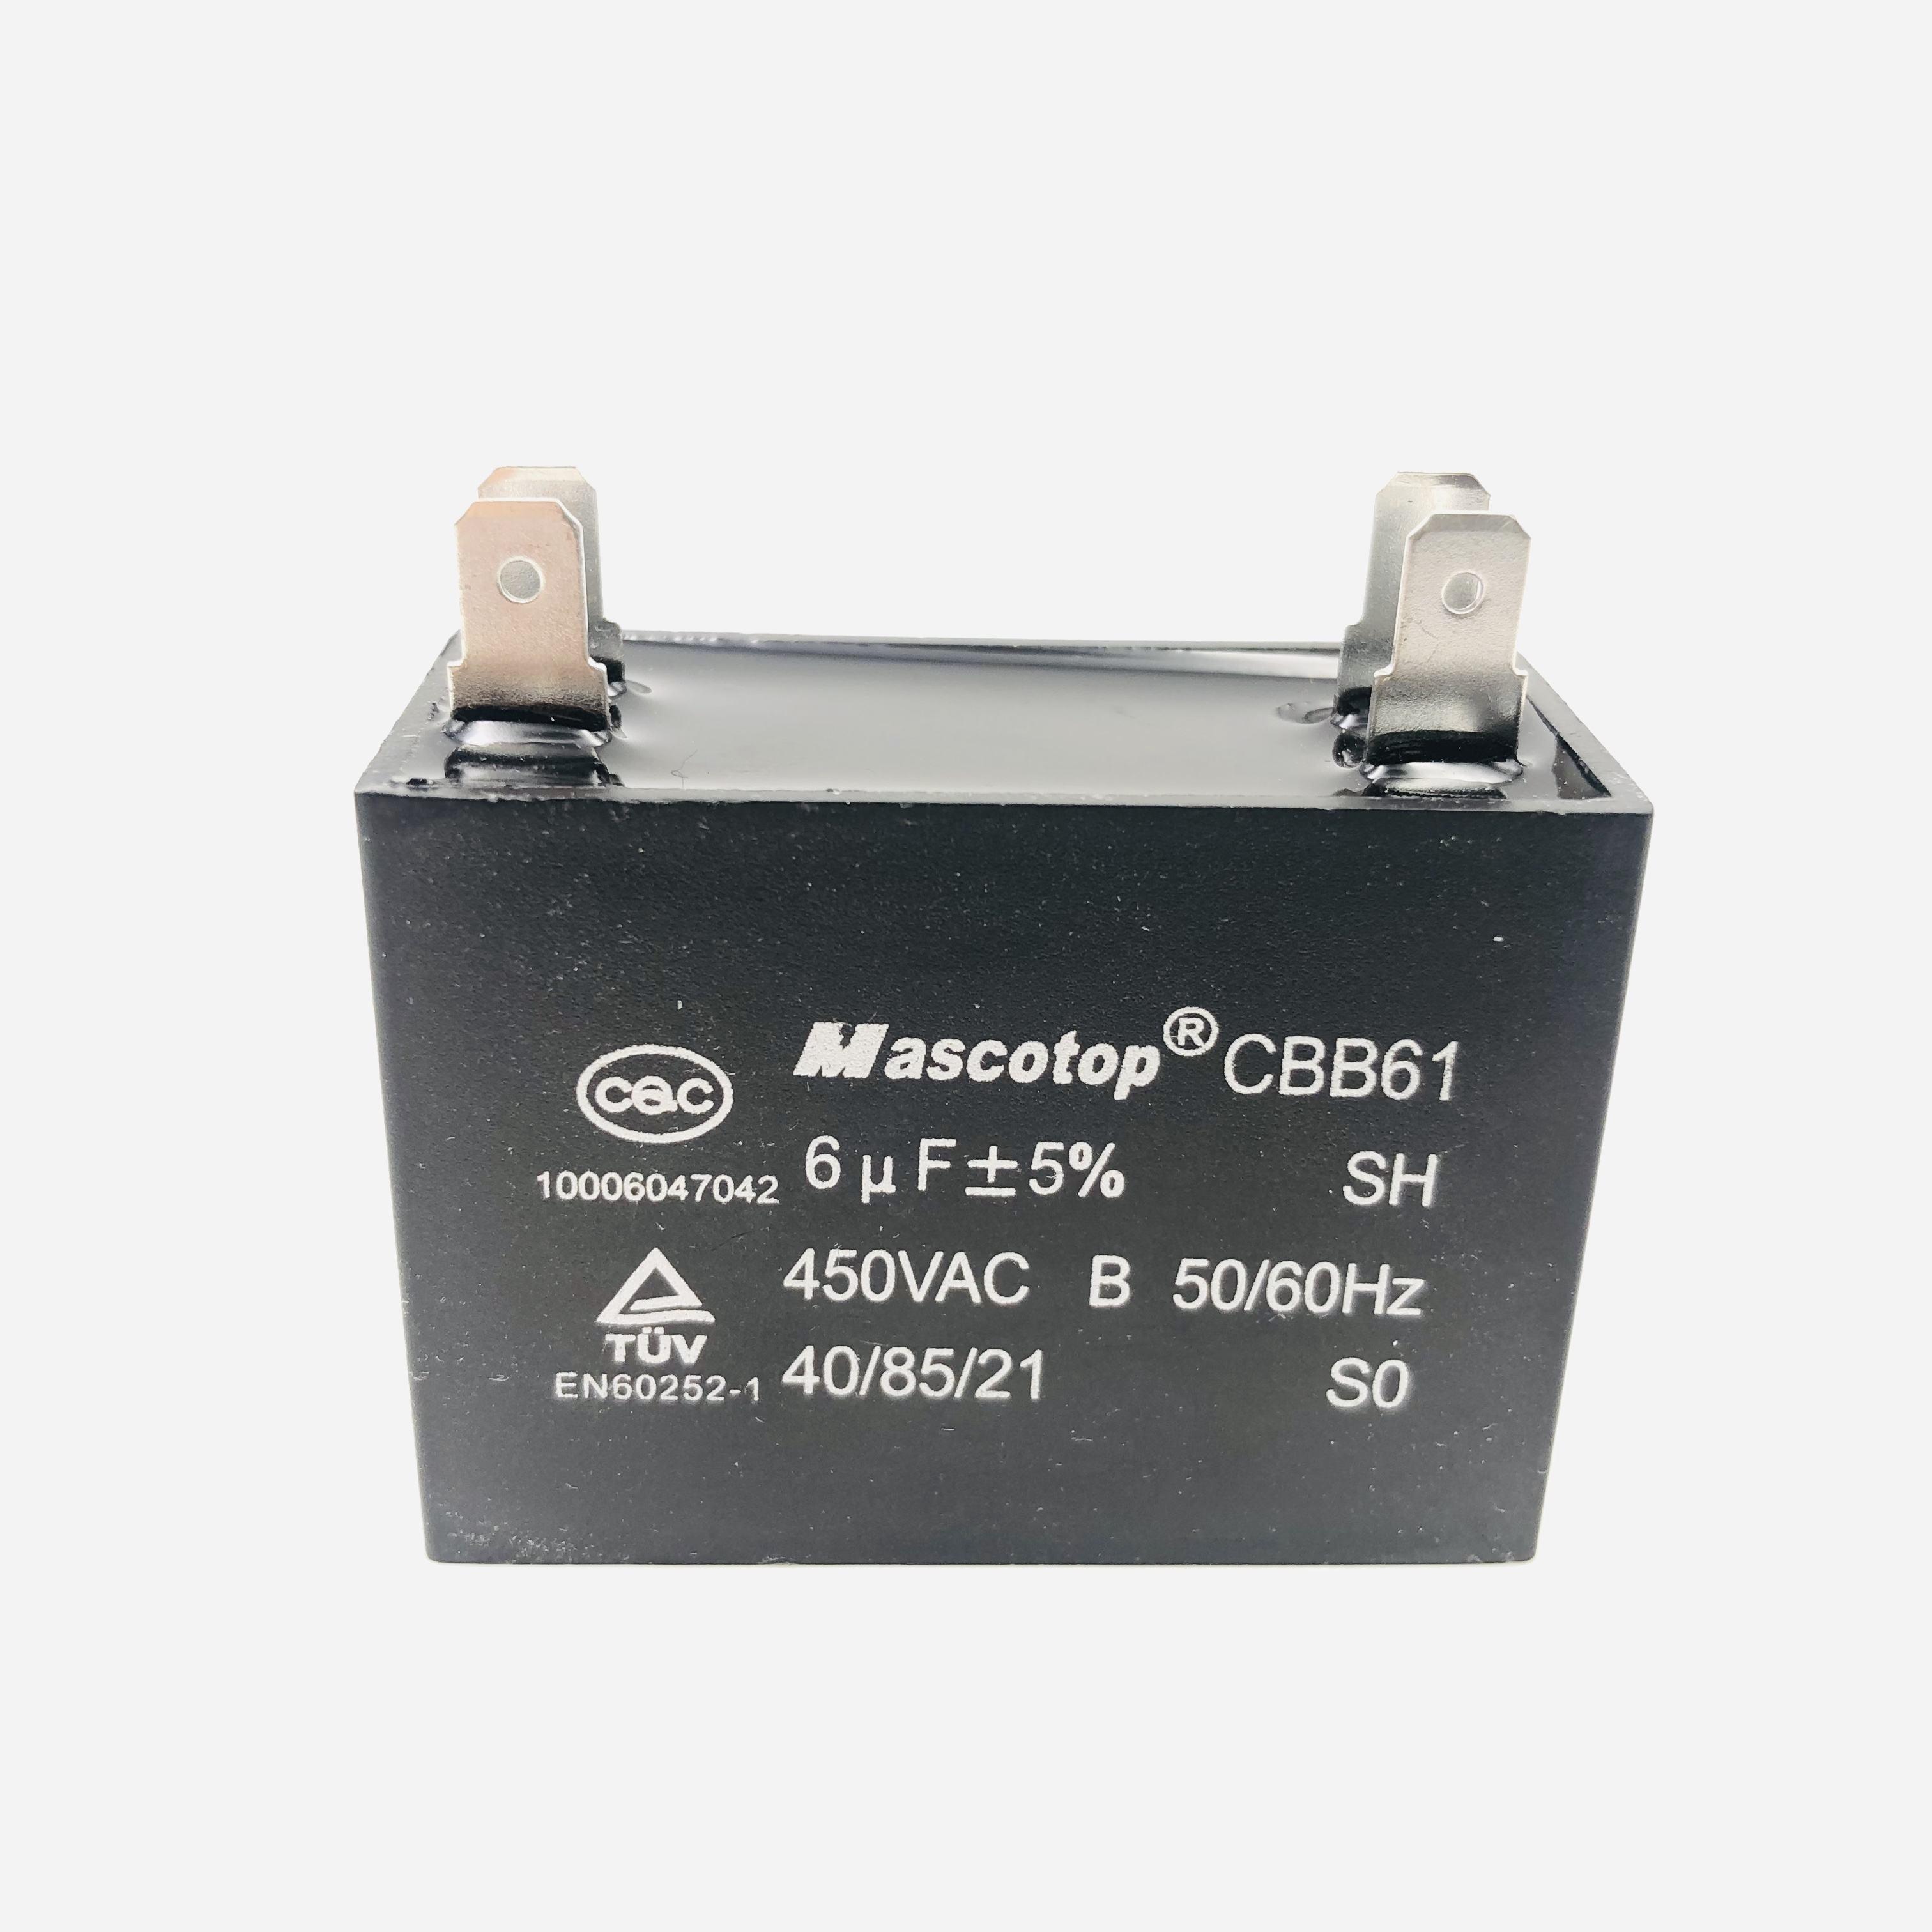 CBB60 Run Capacitor 450VAC 450 VAC 45uF 45 uF 450V AC 45MFD SH P2 C W//CE TUV